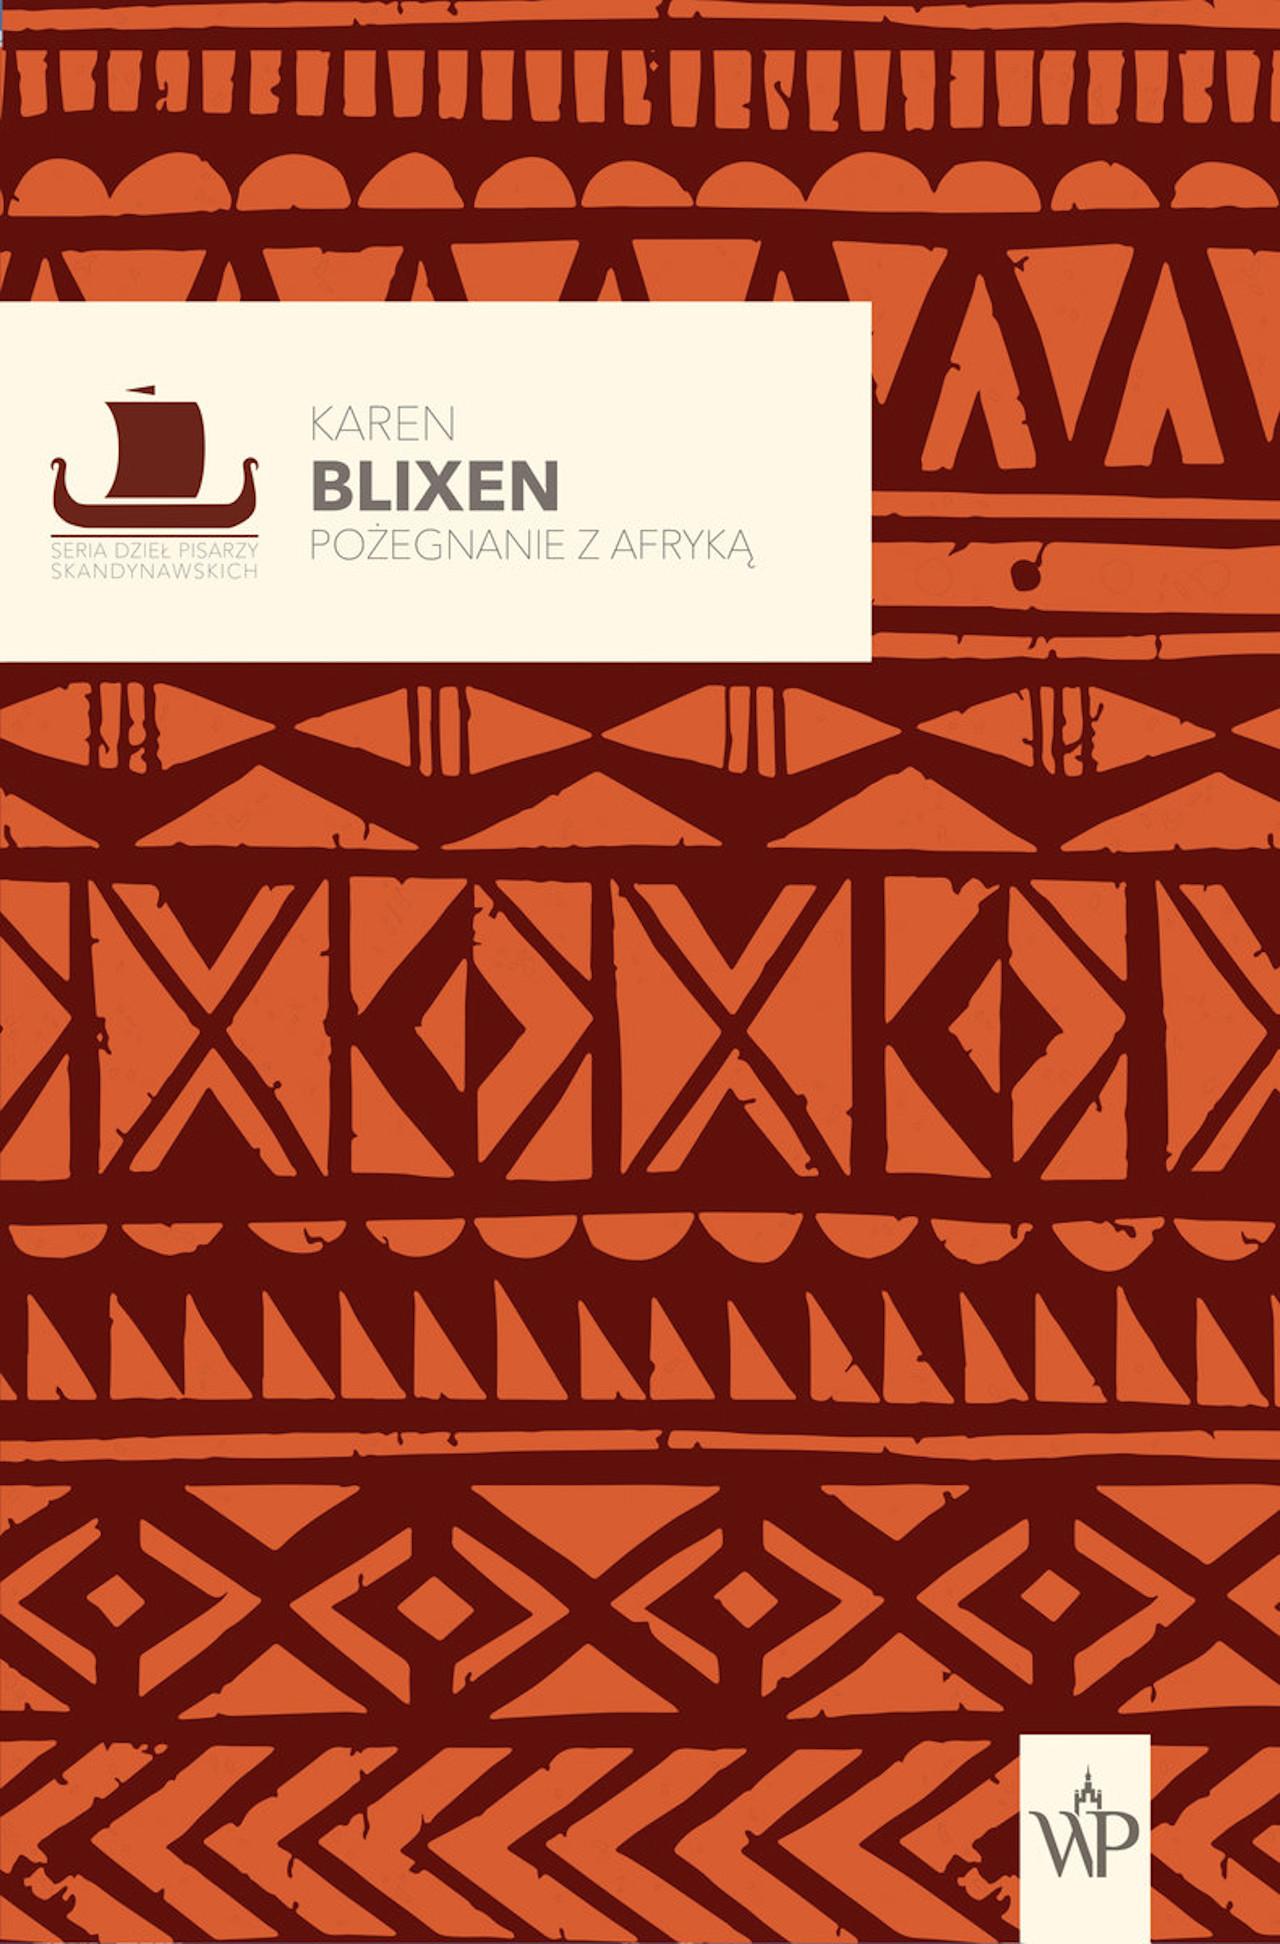 Karen Blixen, Pożegnanie z Afryką